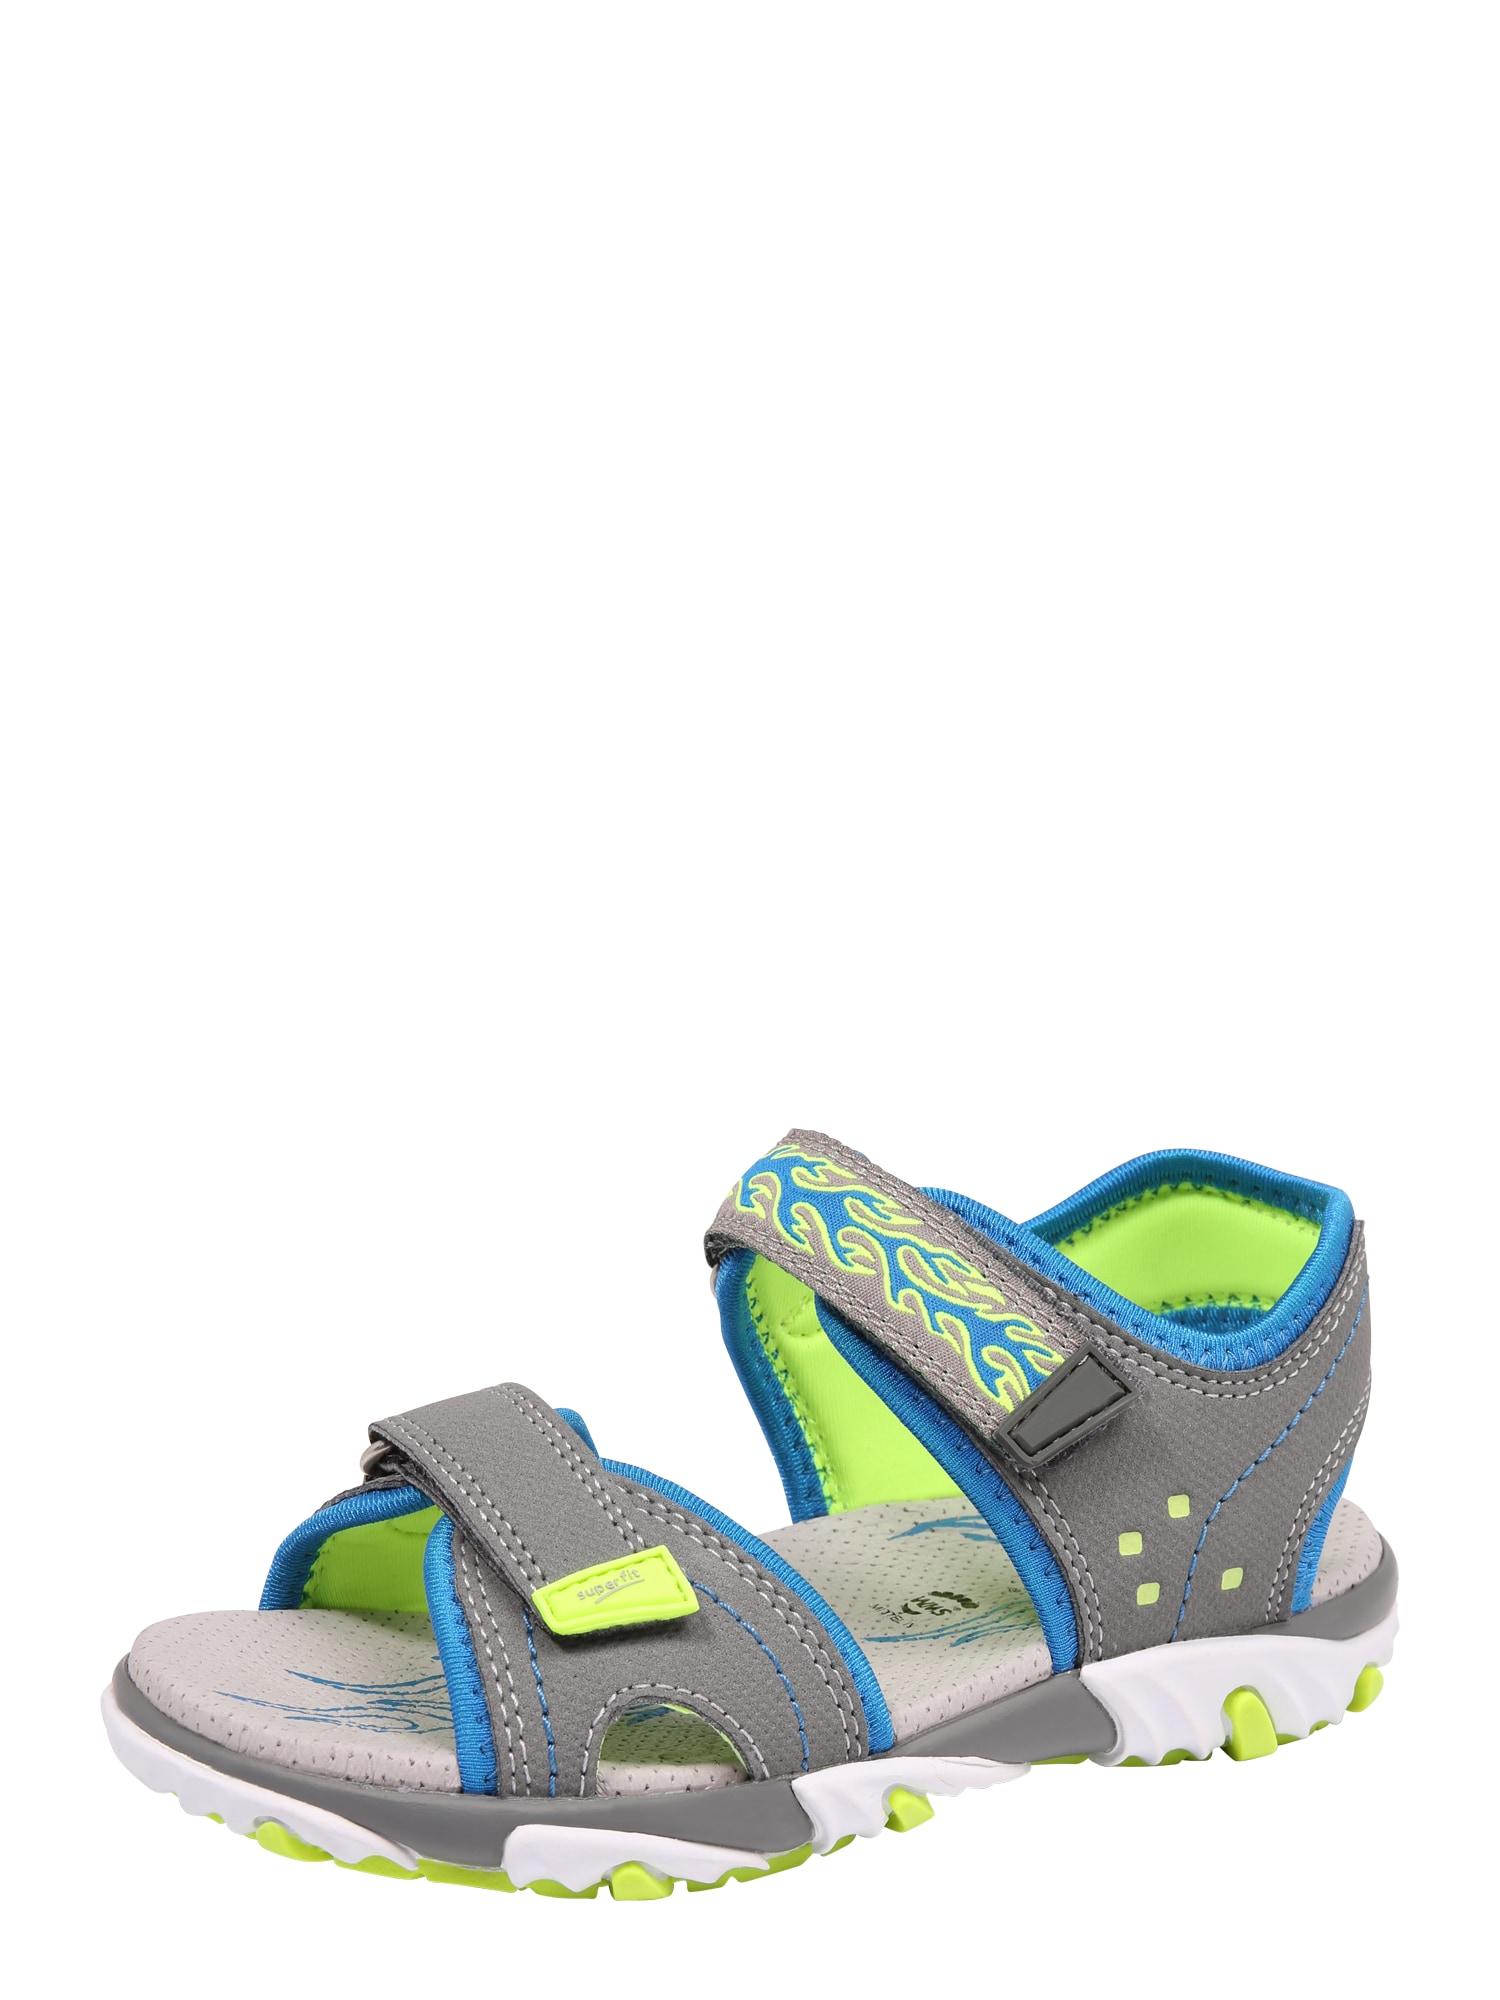 Otevřená obuv Mike 2 modrá šedá svítivě zelená SUPERFIT